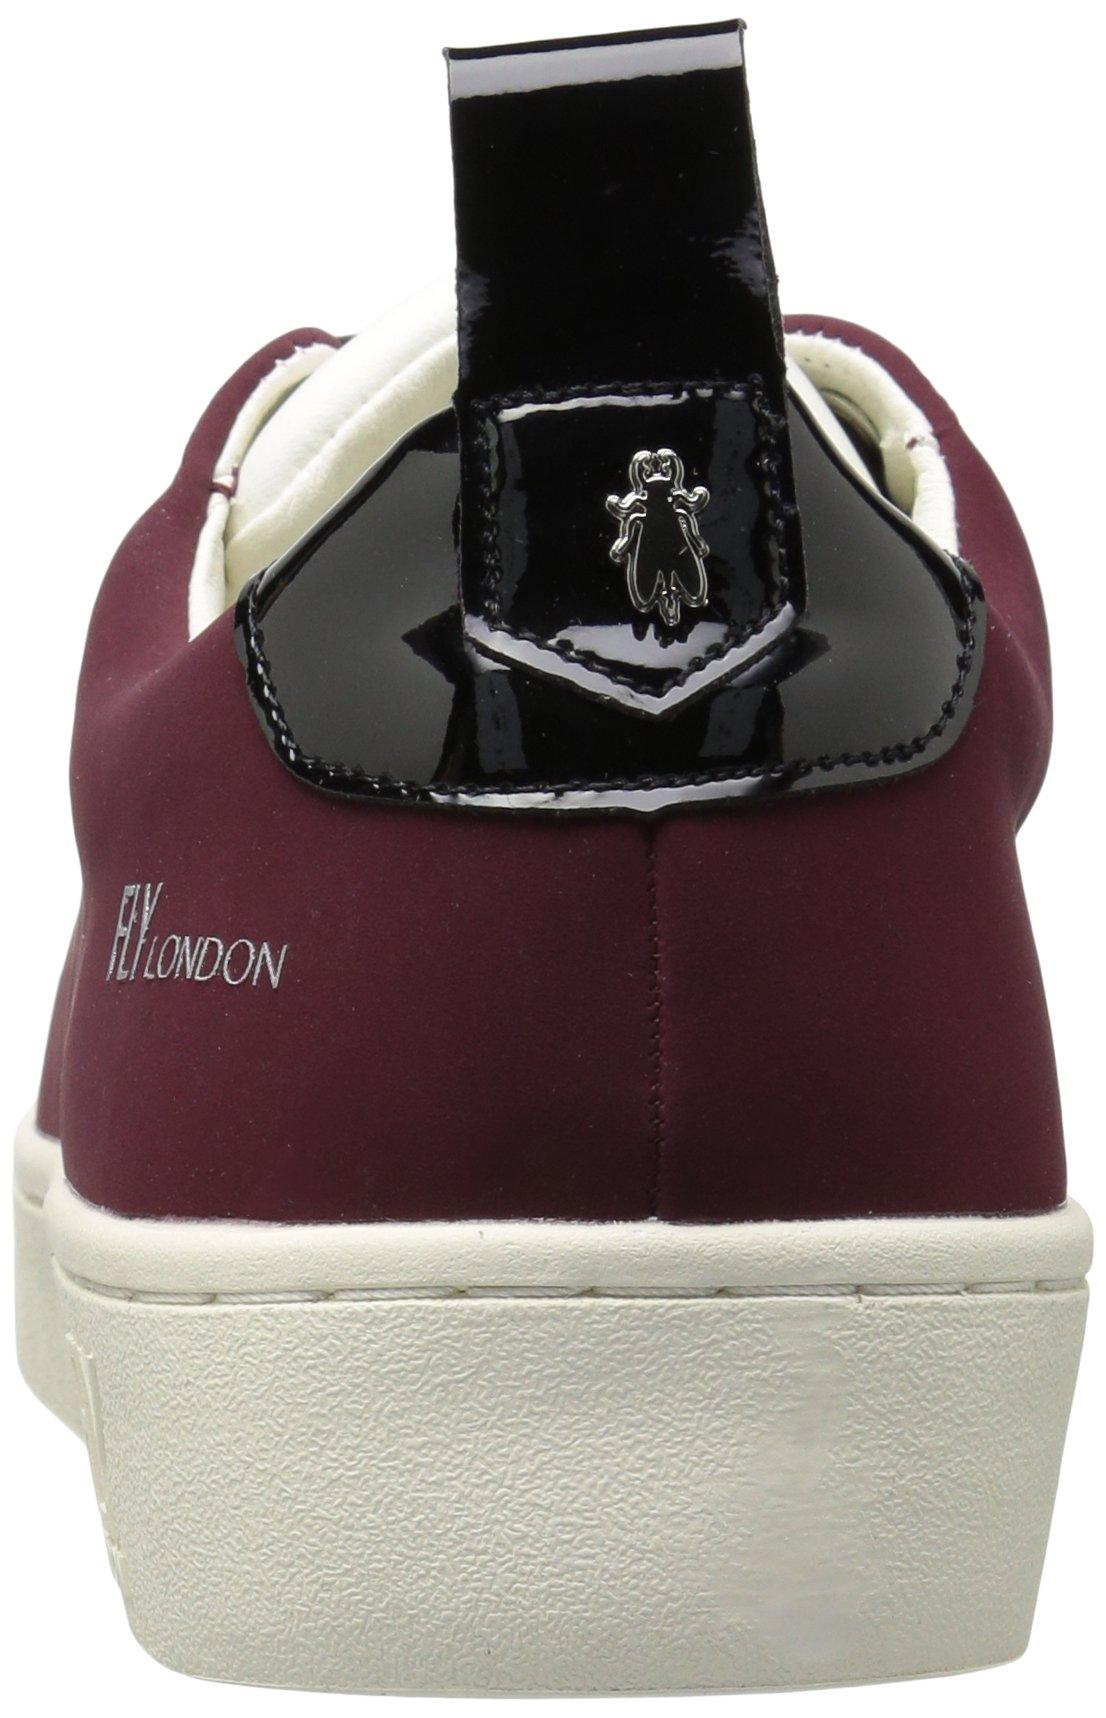 FLY London Women's MACO833FLY Sneaker, Bordeaux/Black Nubuck/Patent, 37 M EU (6.5-7 US) by FLY London (Image #2)